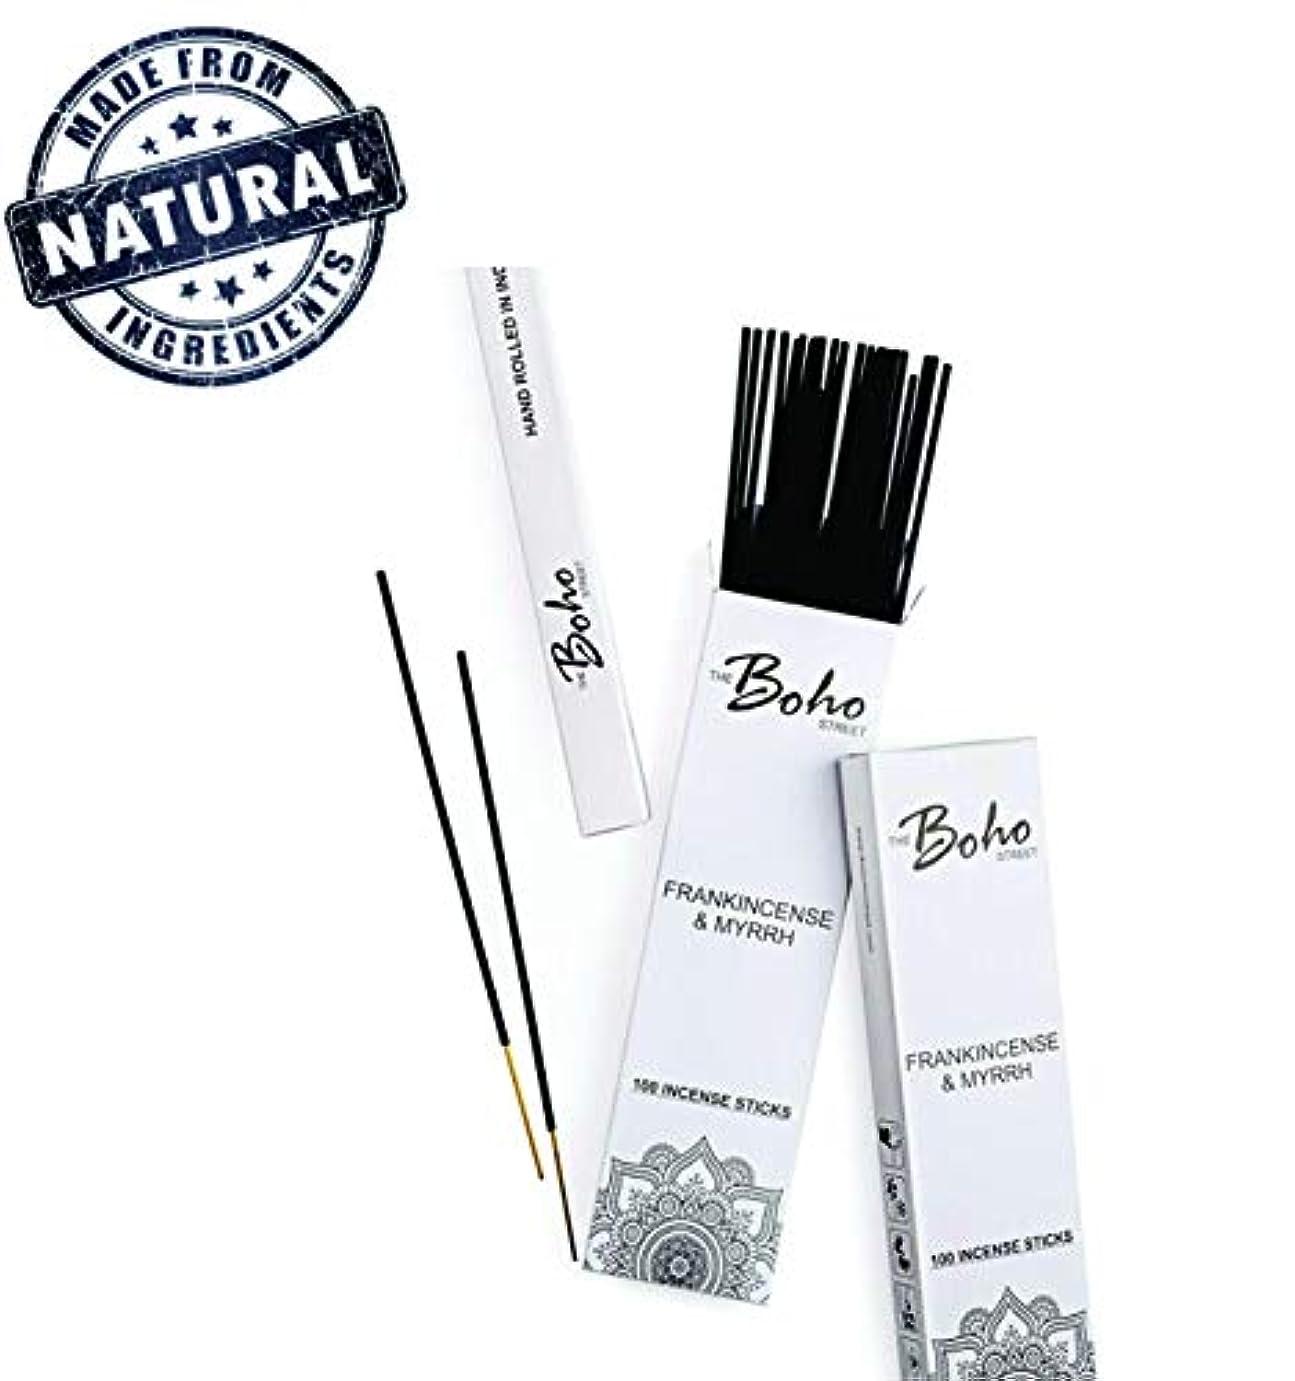 シンプルな努力する解凍する、雪解け、霜解け(100) - The Boho Street Premium Incense Sticks - Frankincense and Myrrh 100% Hand Rolled Hand Dipped in India...